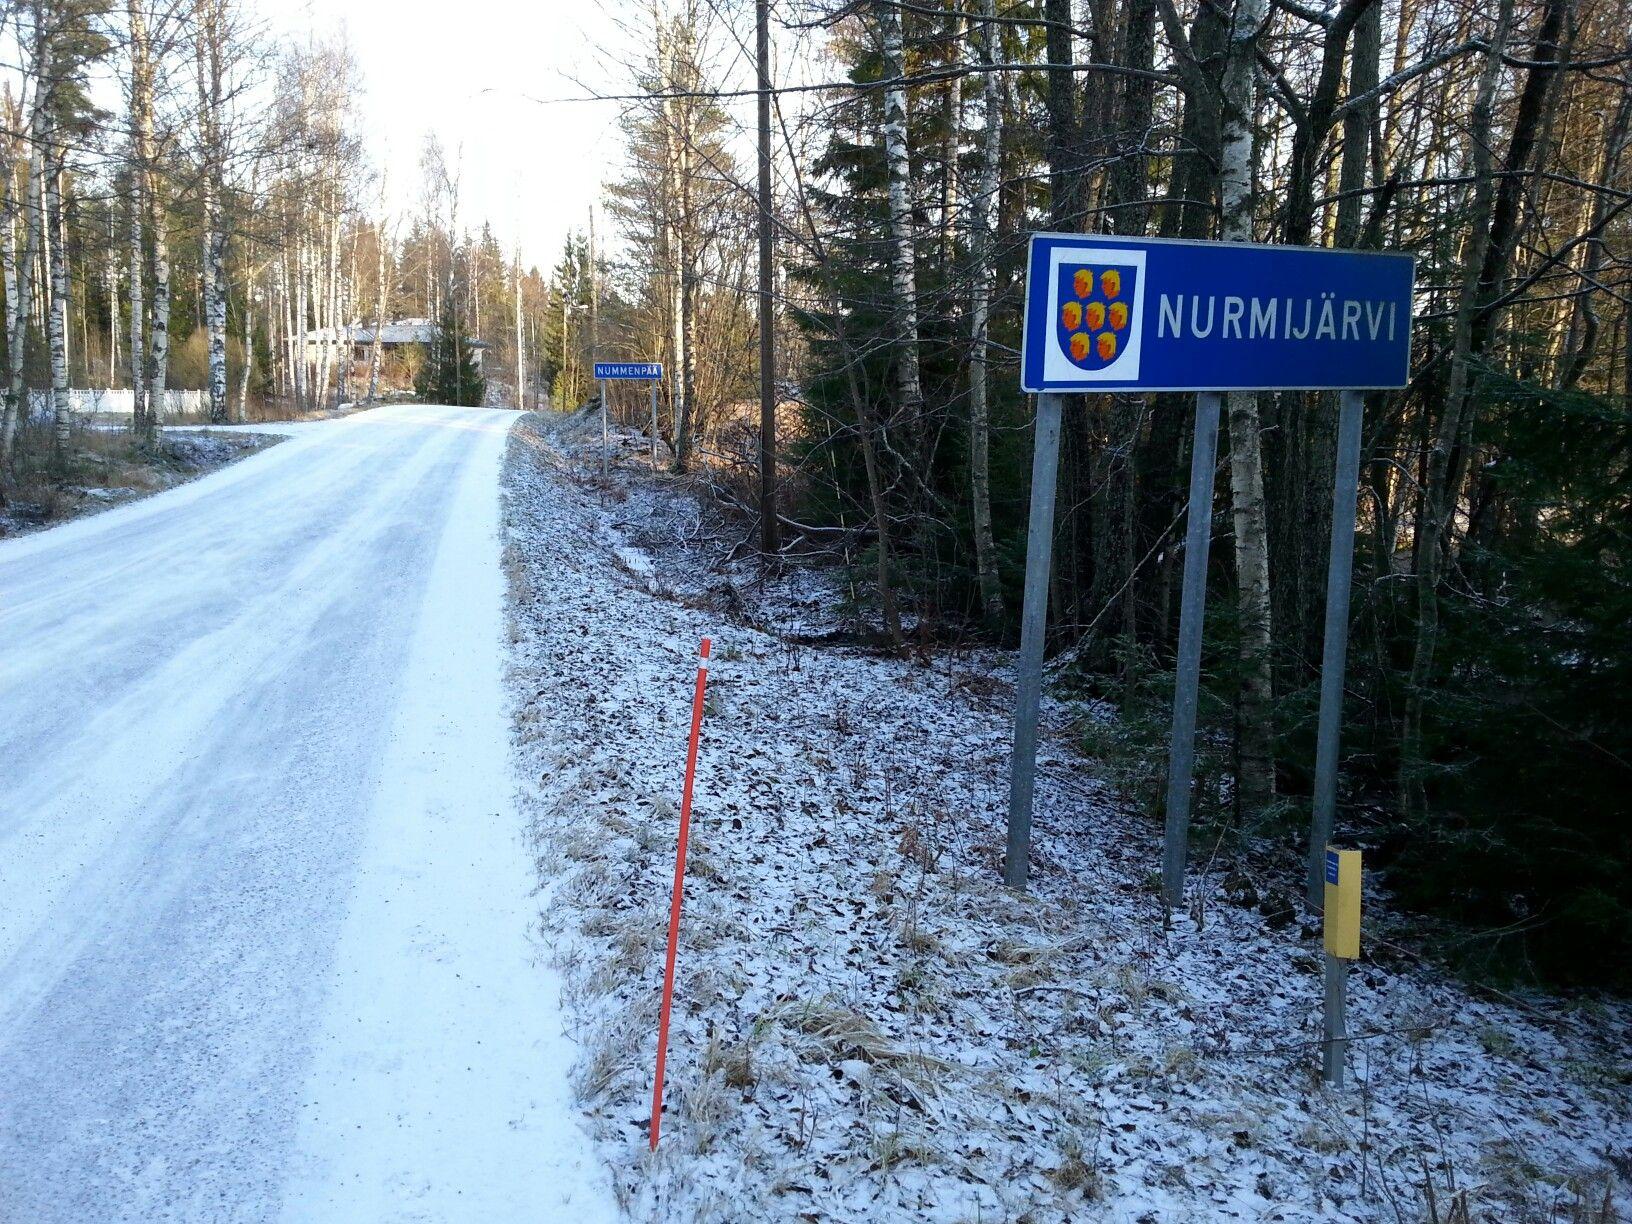 Nurmijärvi Helsinki